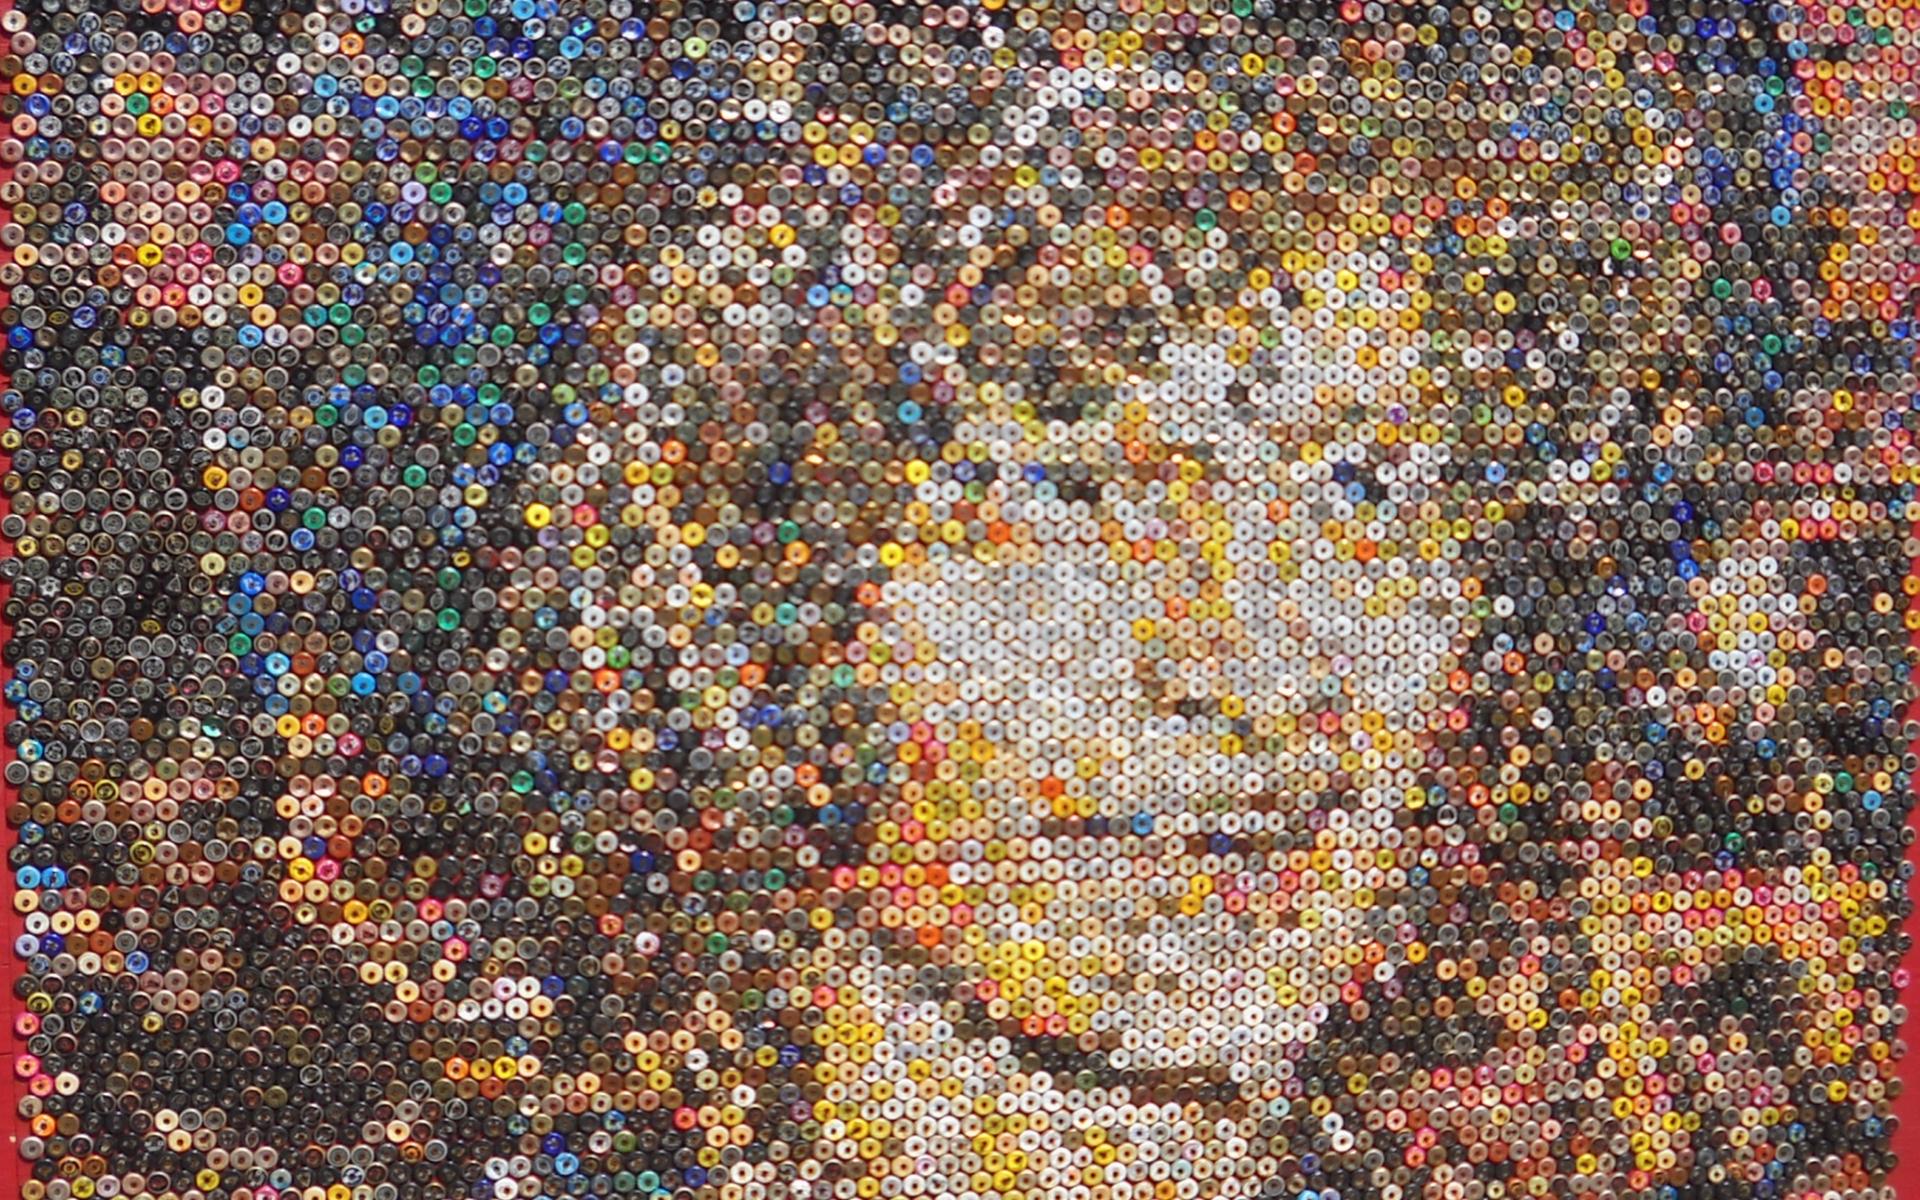 Beer Bottle Cap Mosaic Computer Wallpapers Desktop